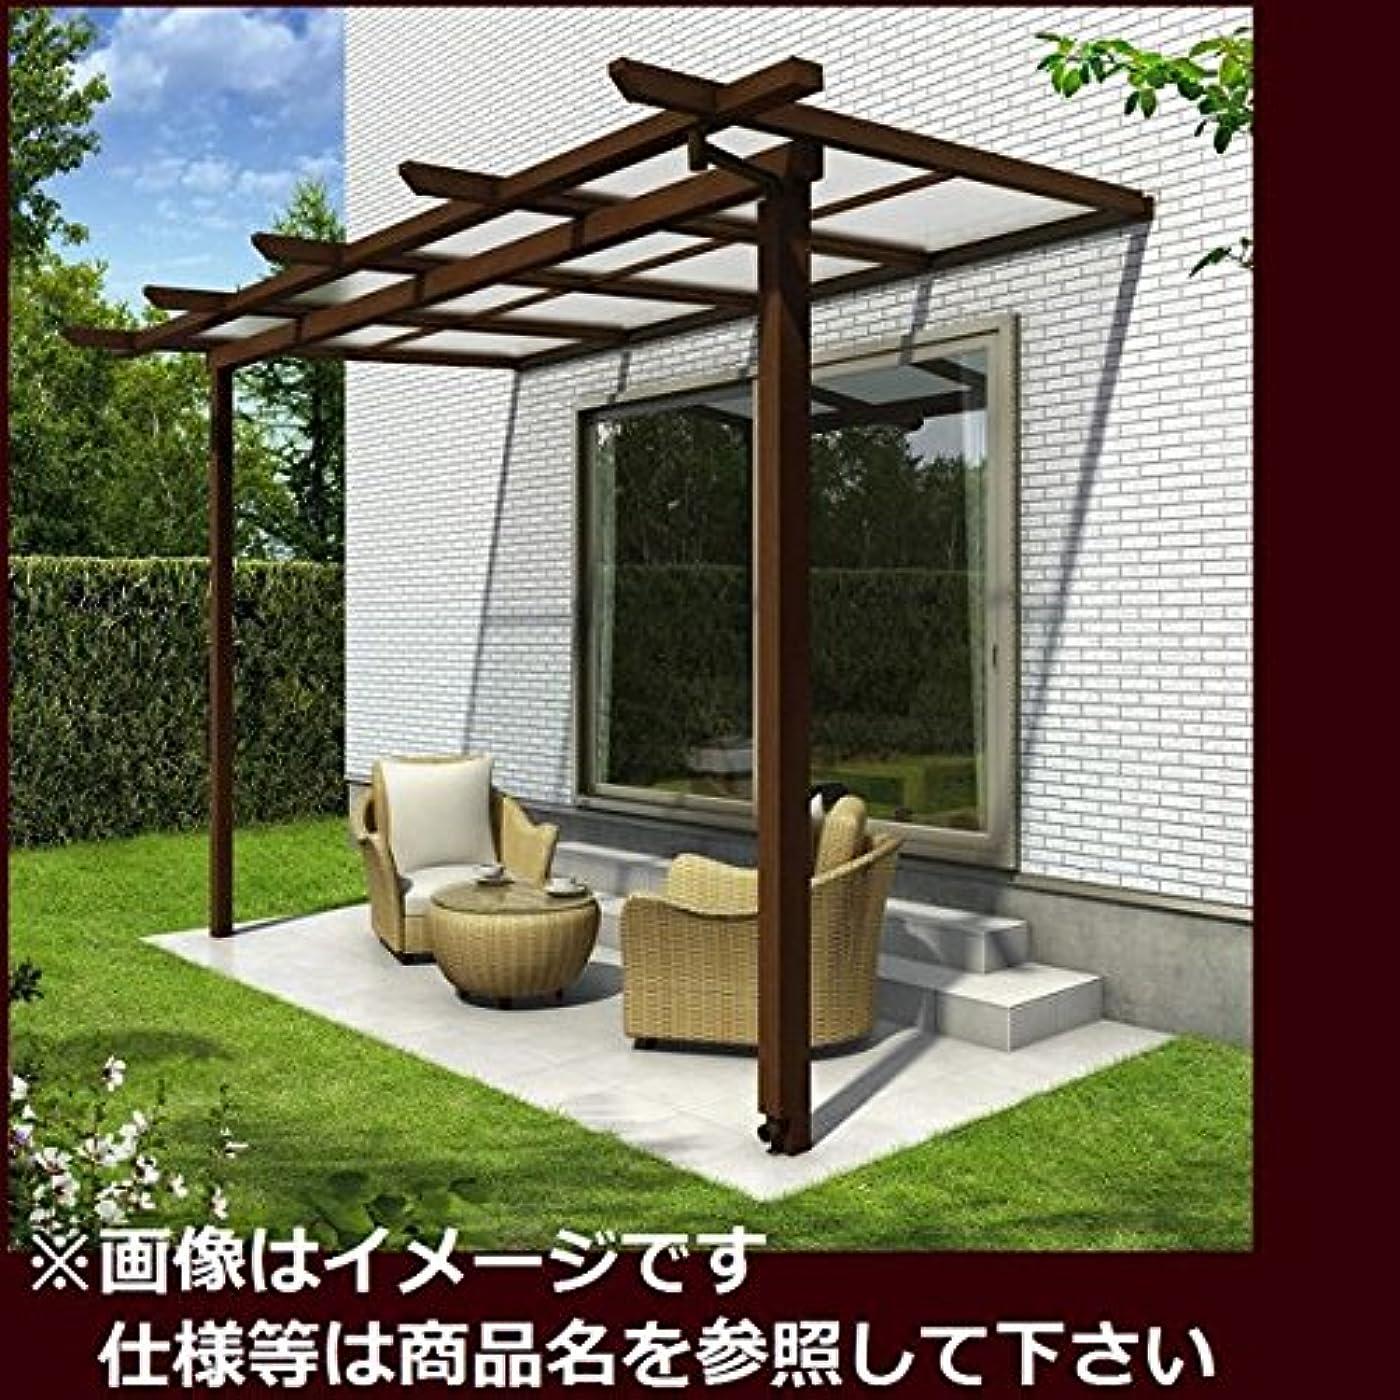 高度ニュージーランドジョブYKK ap サザンテラス パーゴラタイプ 関東間 1500N/m2 3.5間×3尺 (2連結) ポリカ屋根 キャラメルチーク/スモークブラウン